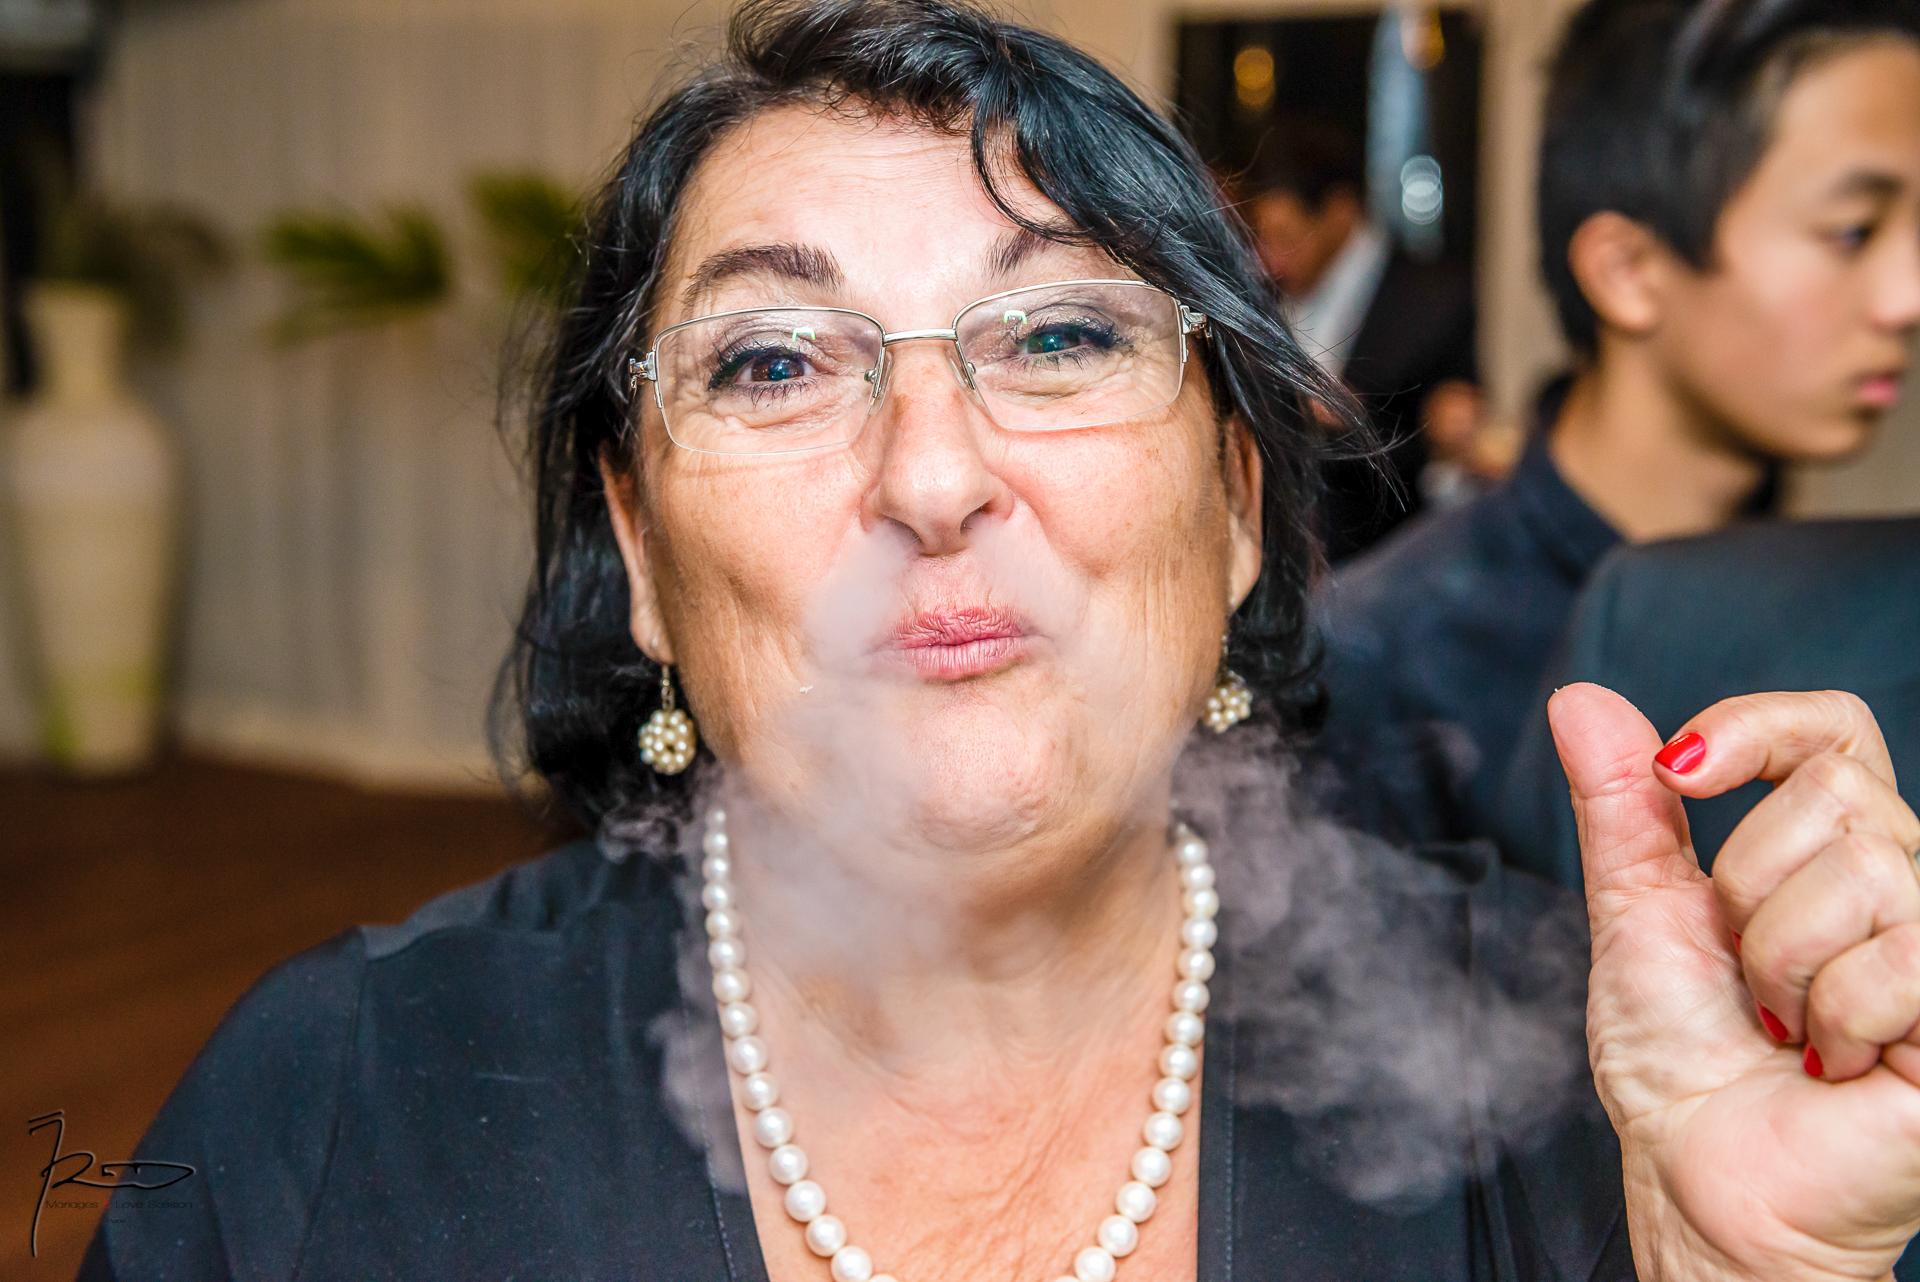 photographe mariage juif manoir des cygnes 152 photographe mariage paris - Photographe Mariage Juif